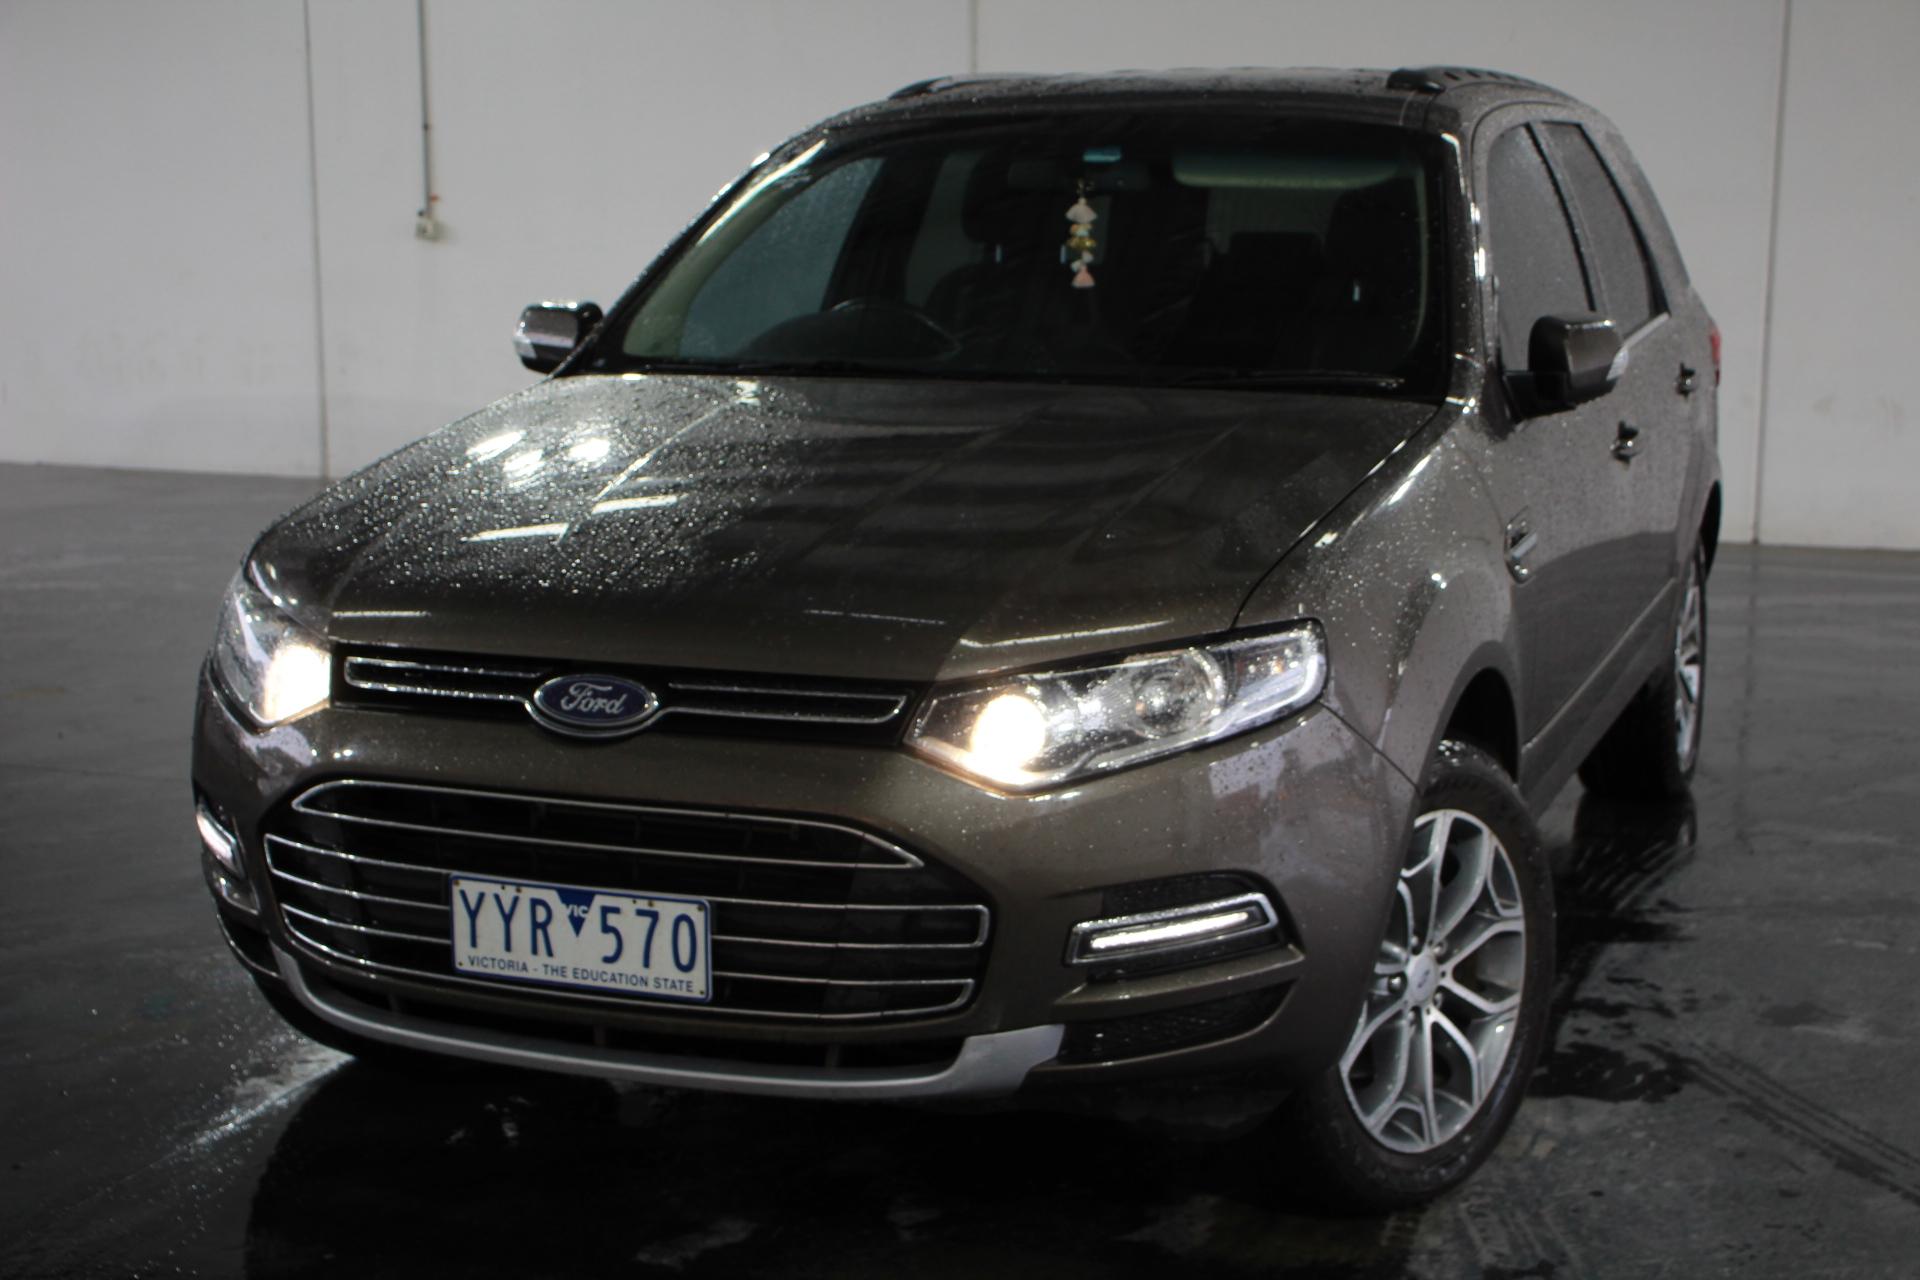 2012 Ford Territory Titanium (RWD) SZ Turbo Diesel Automatic 7 Seats Wagon